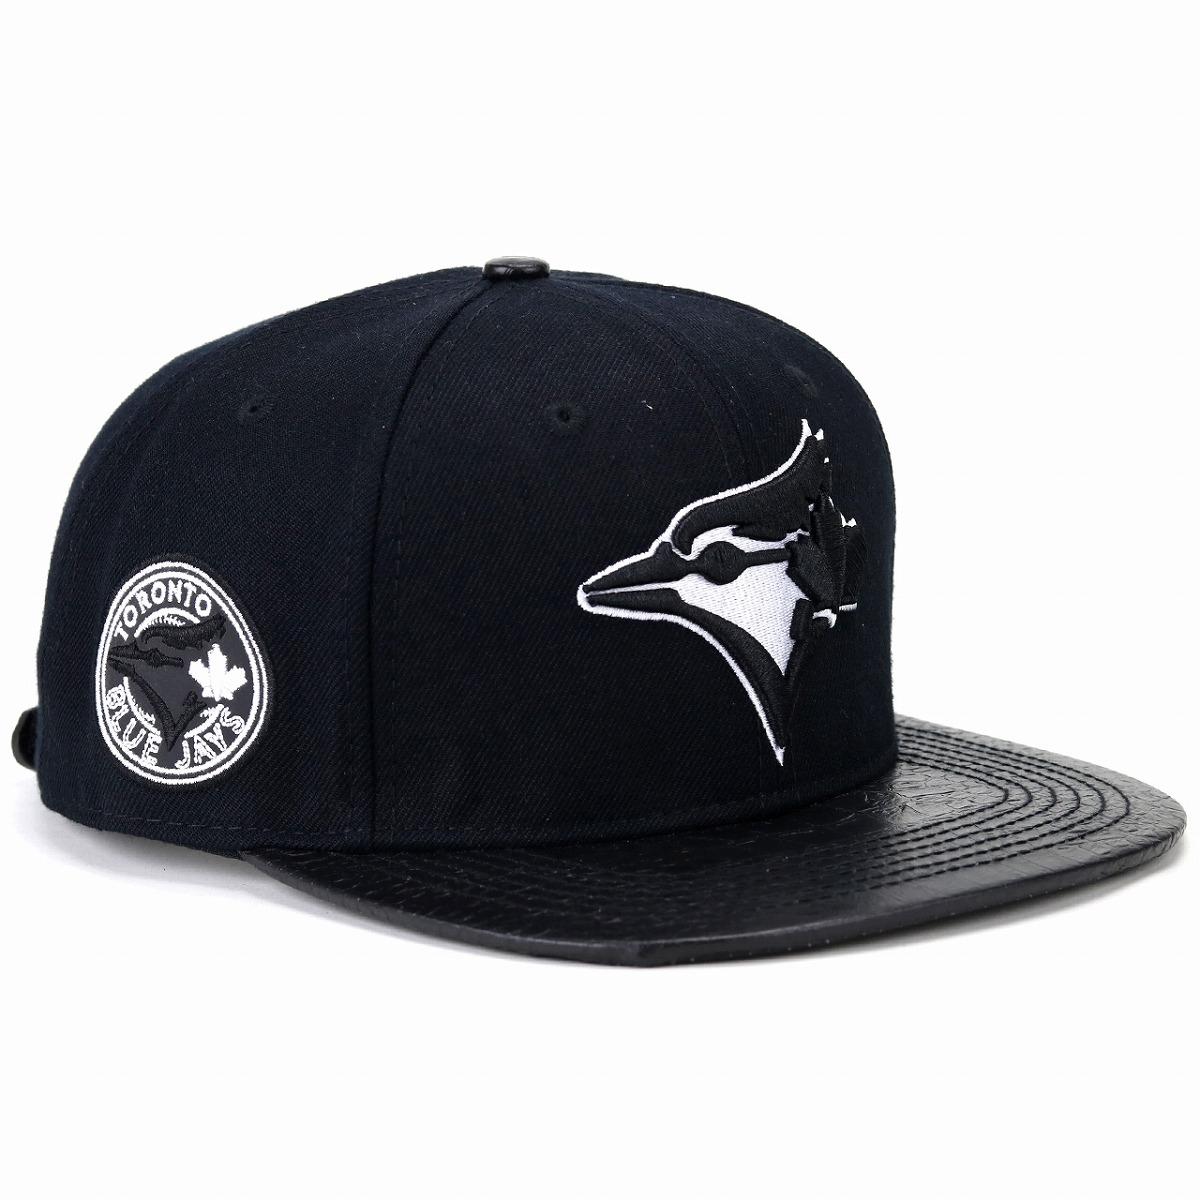 トロントブルージェイズ 3D立体刺繍 キャップ プロスタンダード メンズ レディース 帽子 MLB Toronto Blue Jays Pro Standard 黒 ブラック[ baseball cap ]